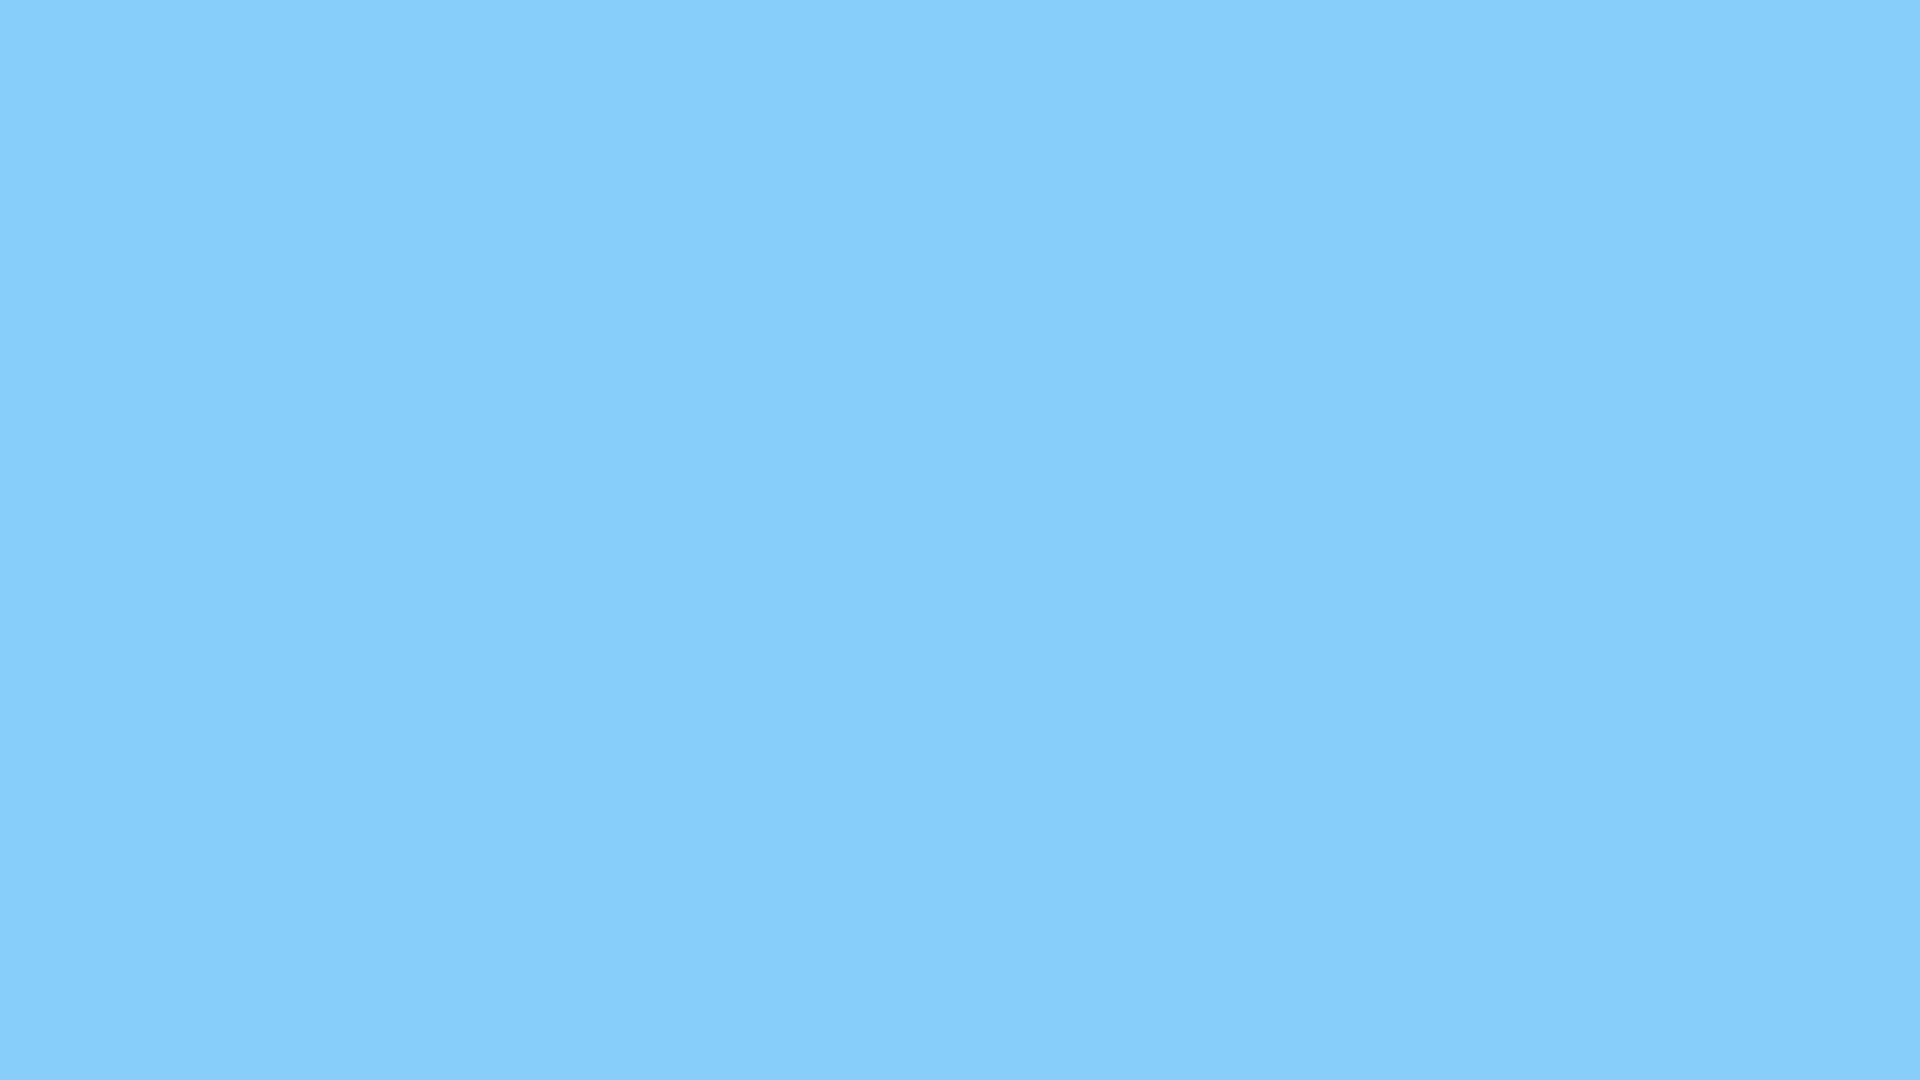 Light Blue   Wallpaper High Definition High Quality Widescreen 1920x1080